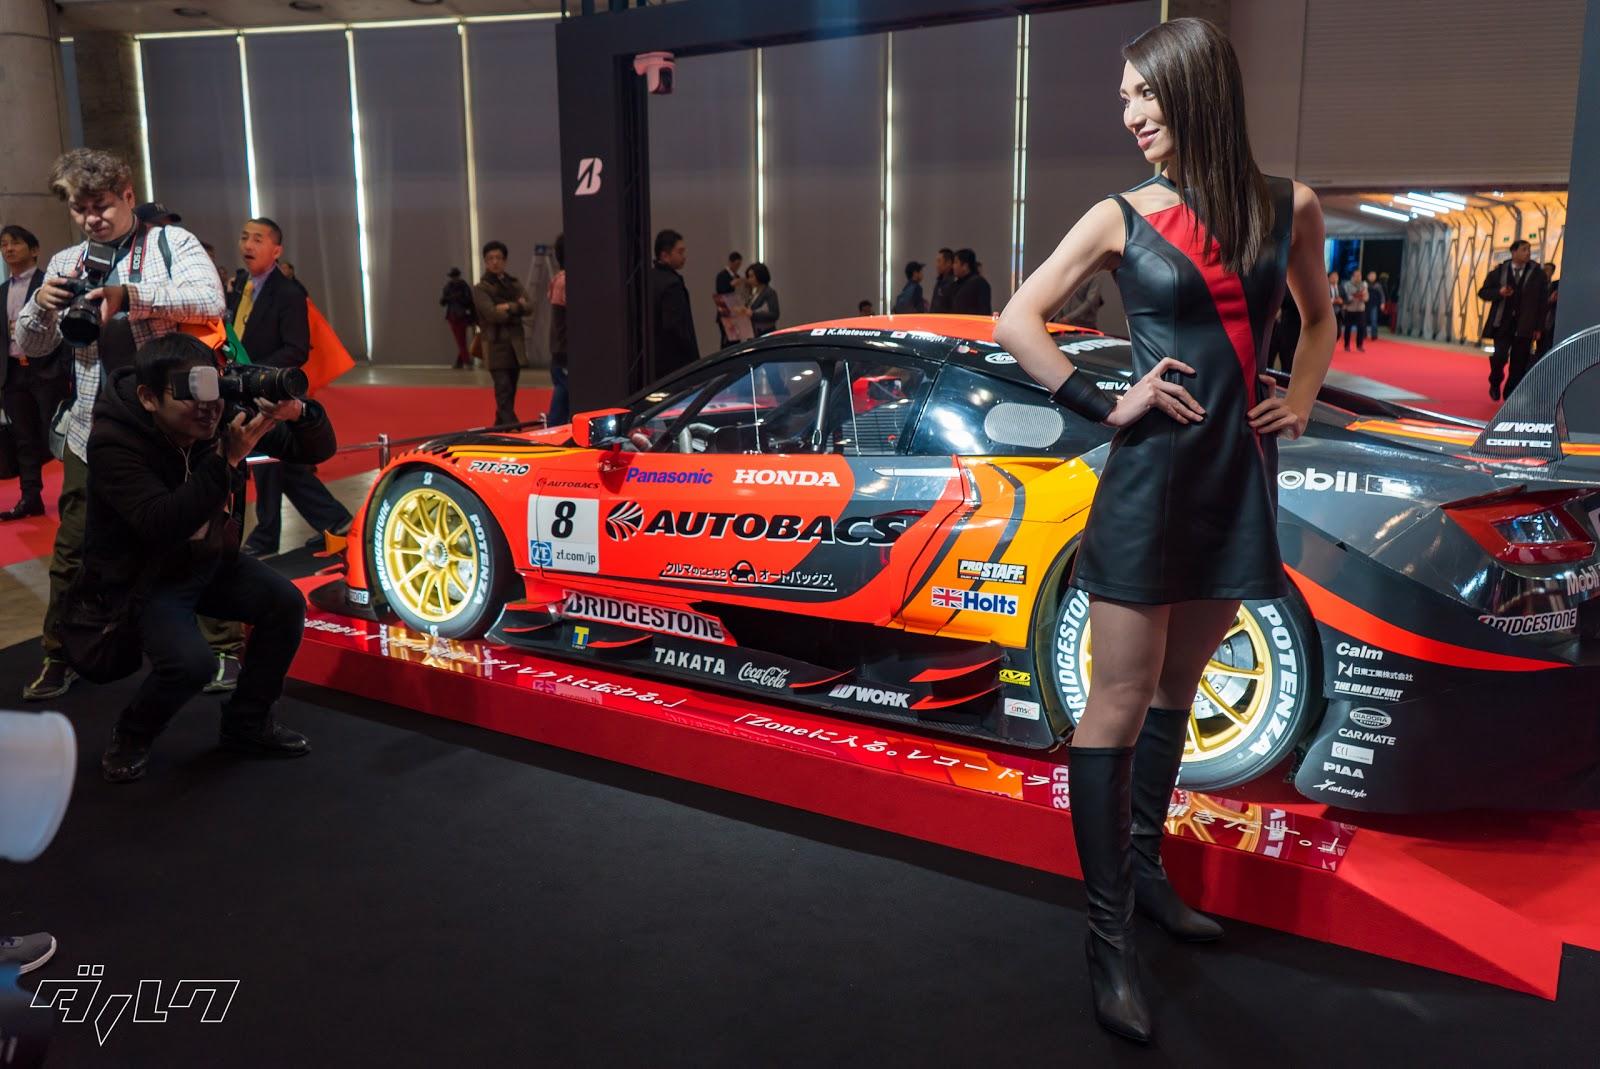 Tokyo Autosalon 2016